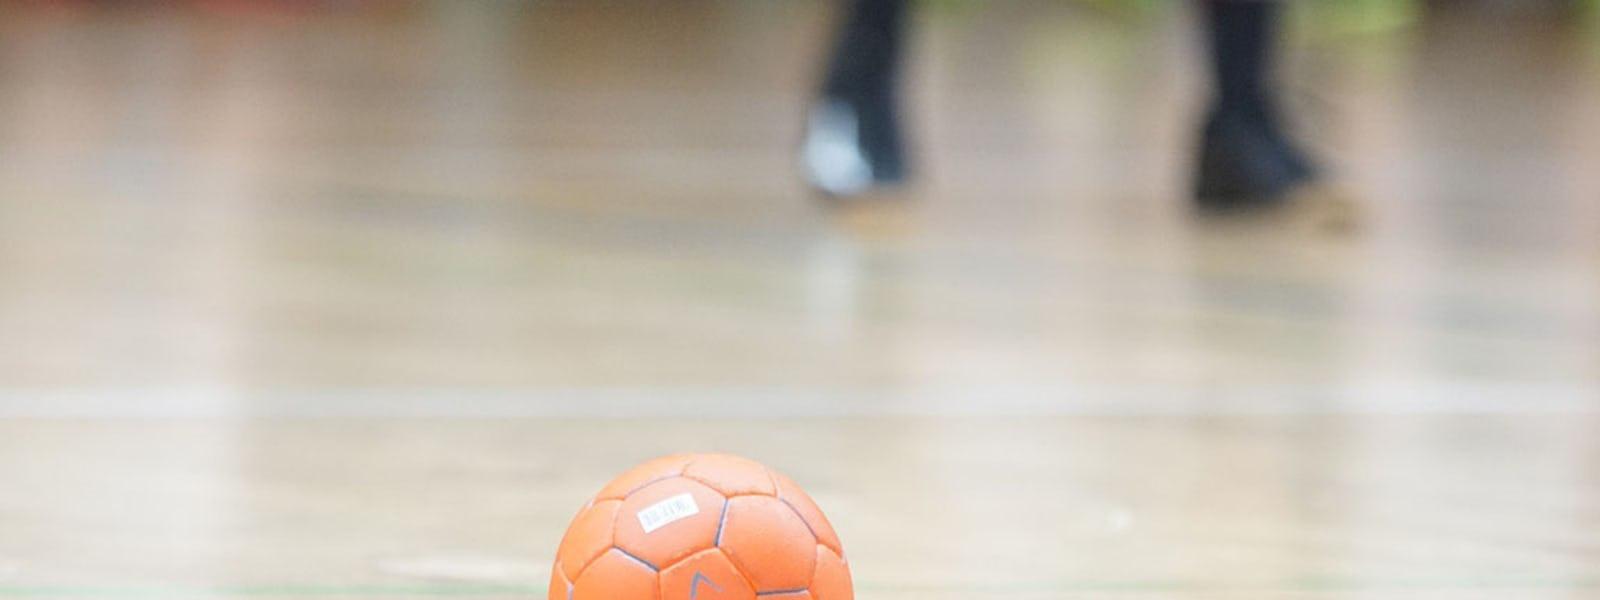 Bild - Handboll